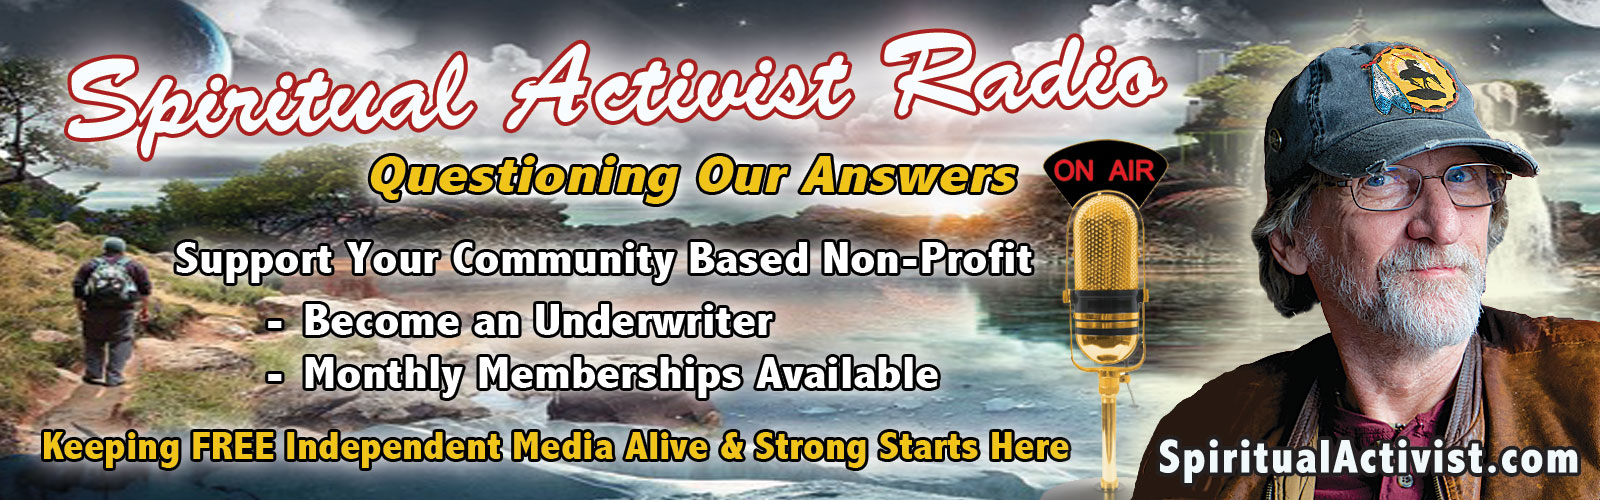 Spiritual Activist Radio with Rahasya Uncensored